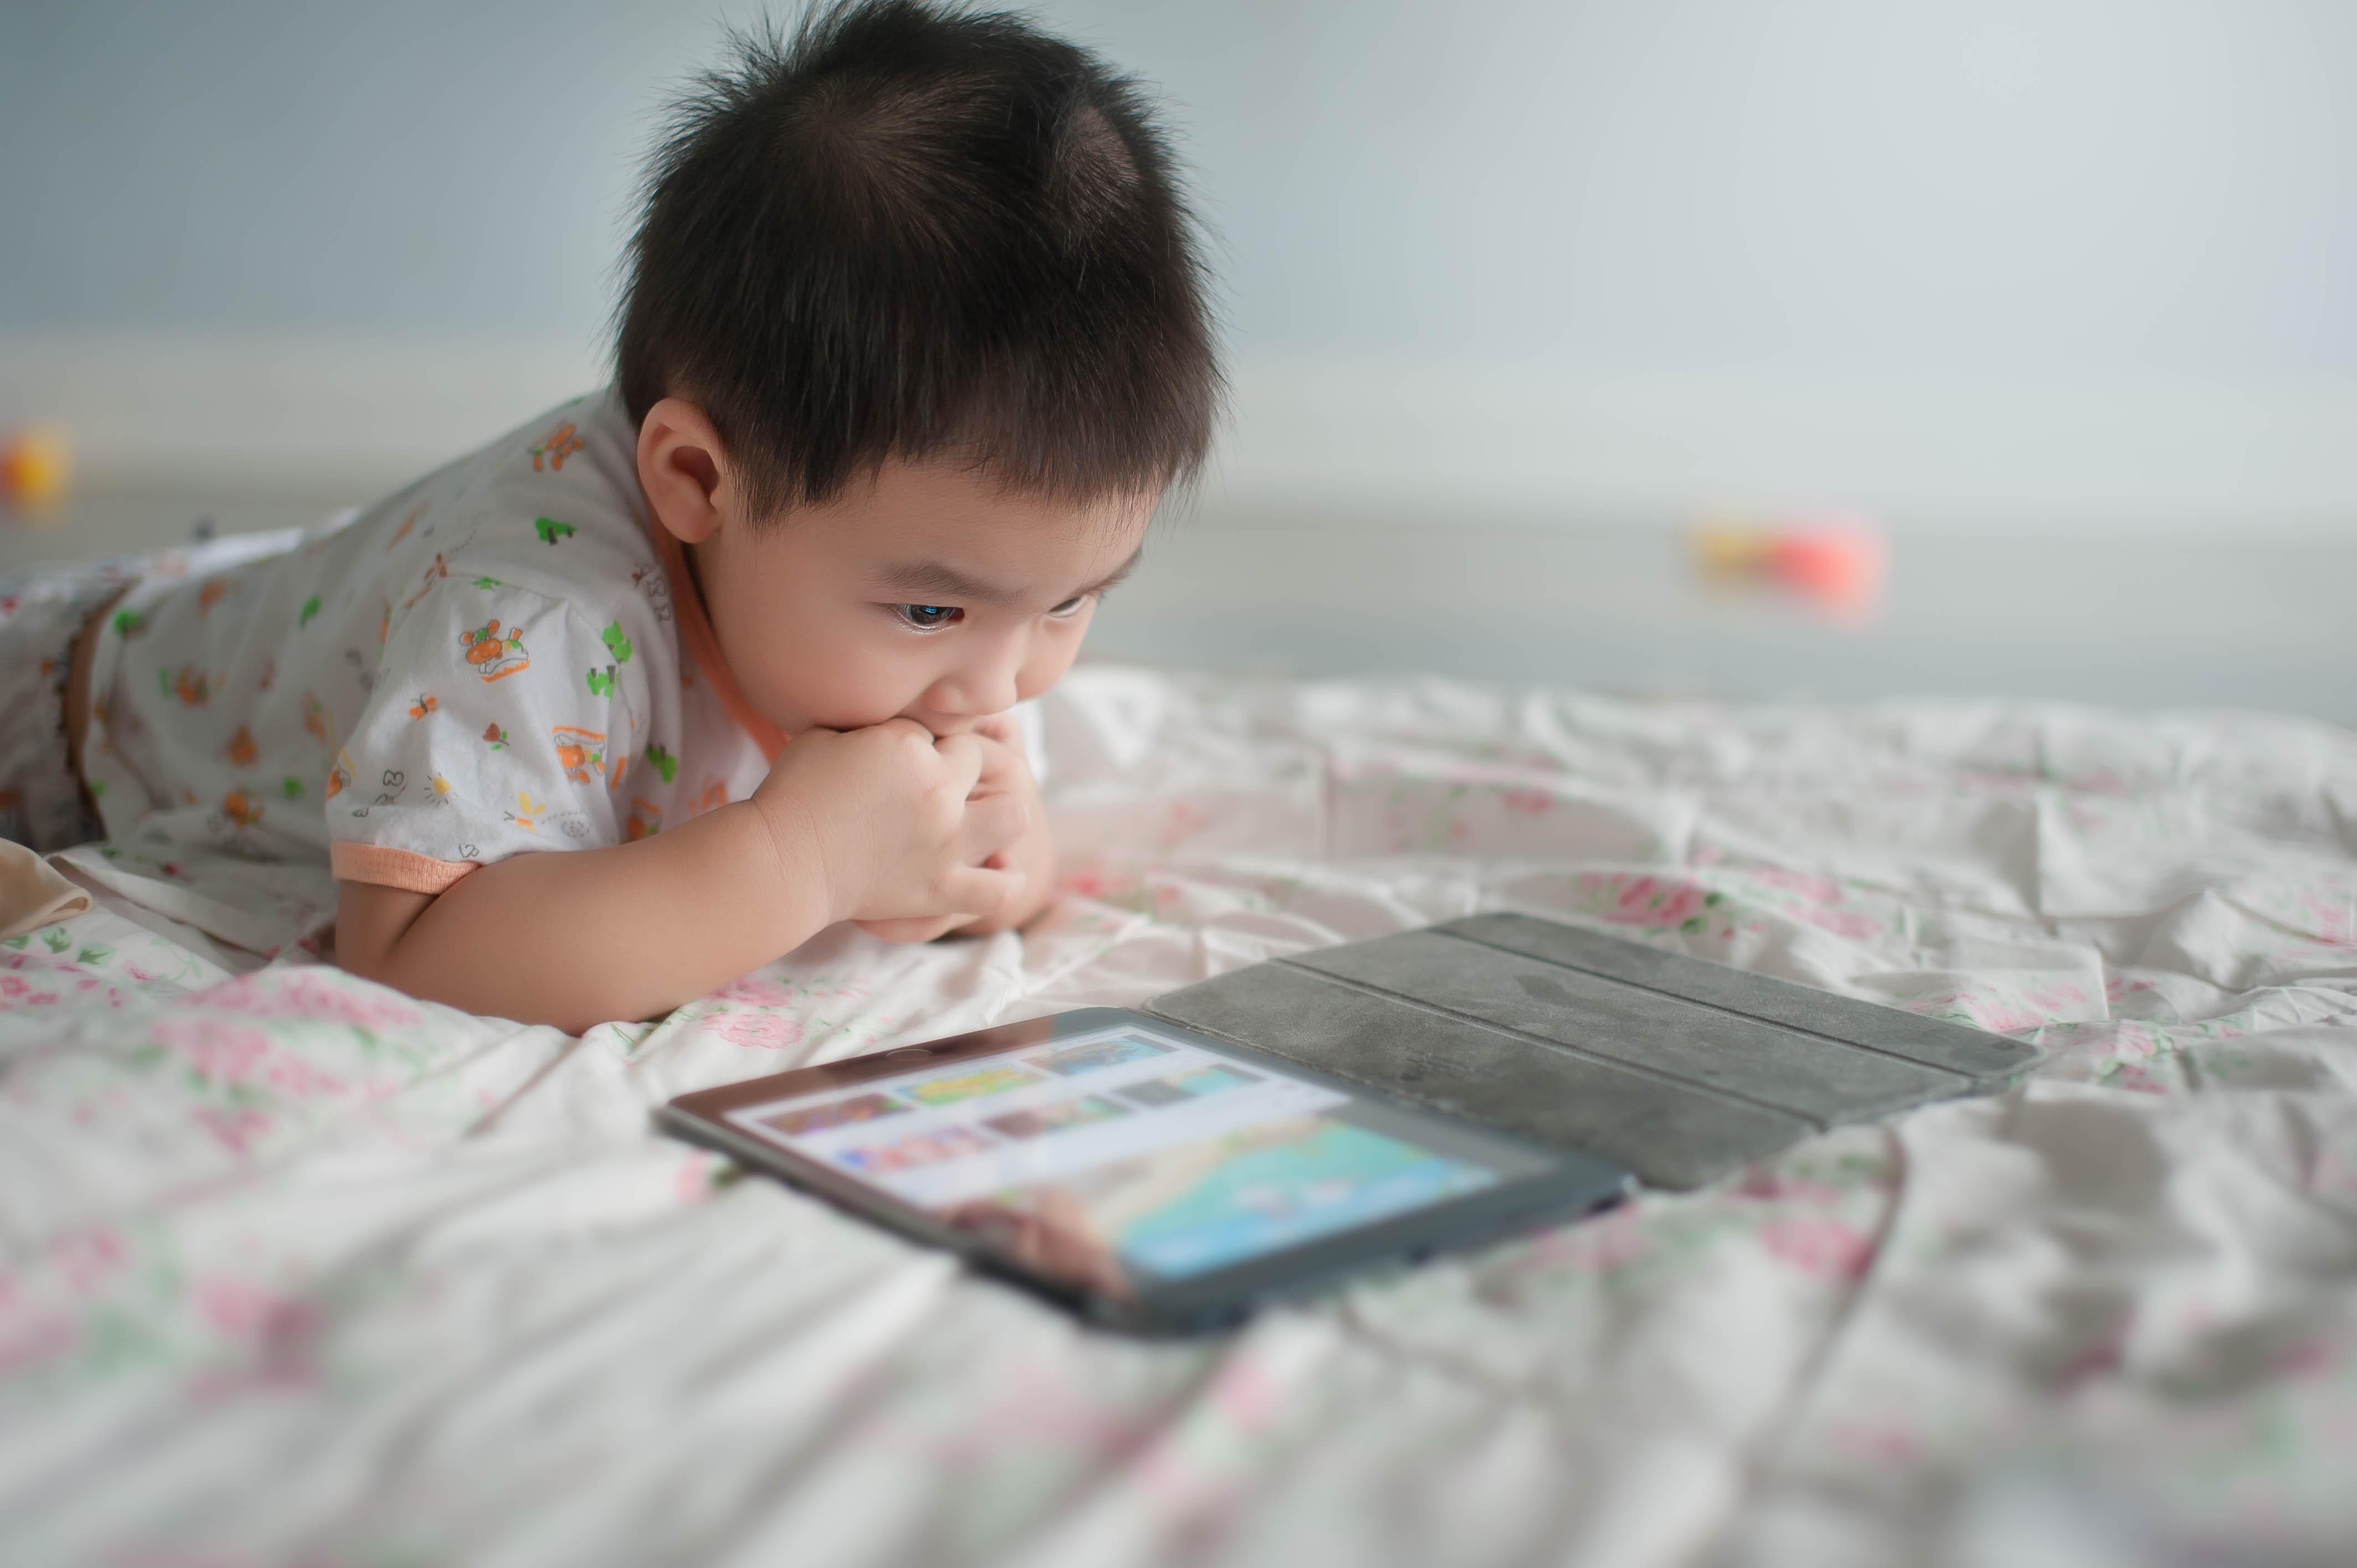 Det finns idag många valmöjligheter när det kommer till både spel och pedagogiska appar för små barn.